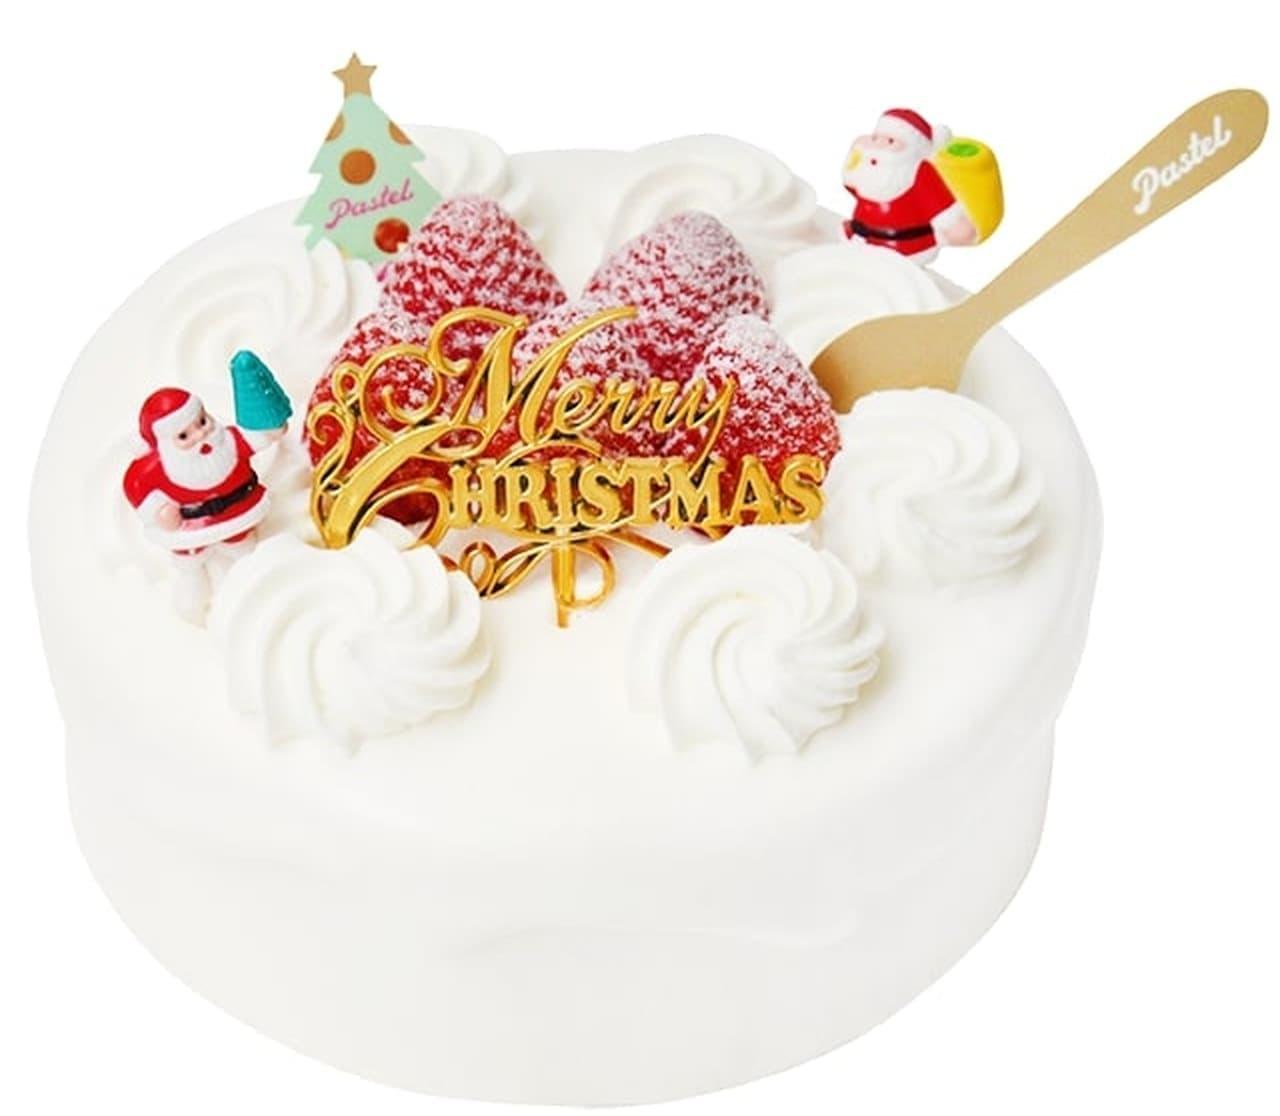 Pastel(パステル)のクリスマスケーキ